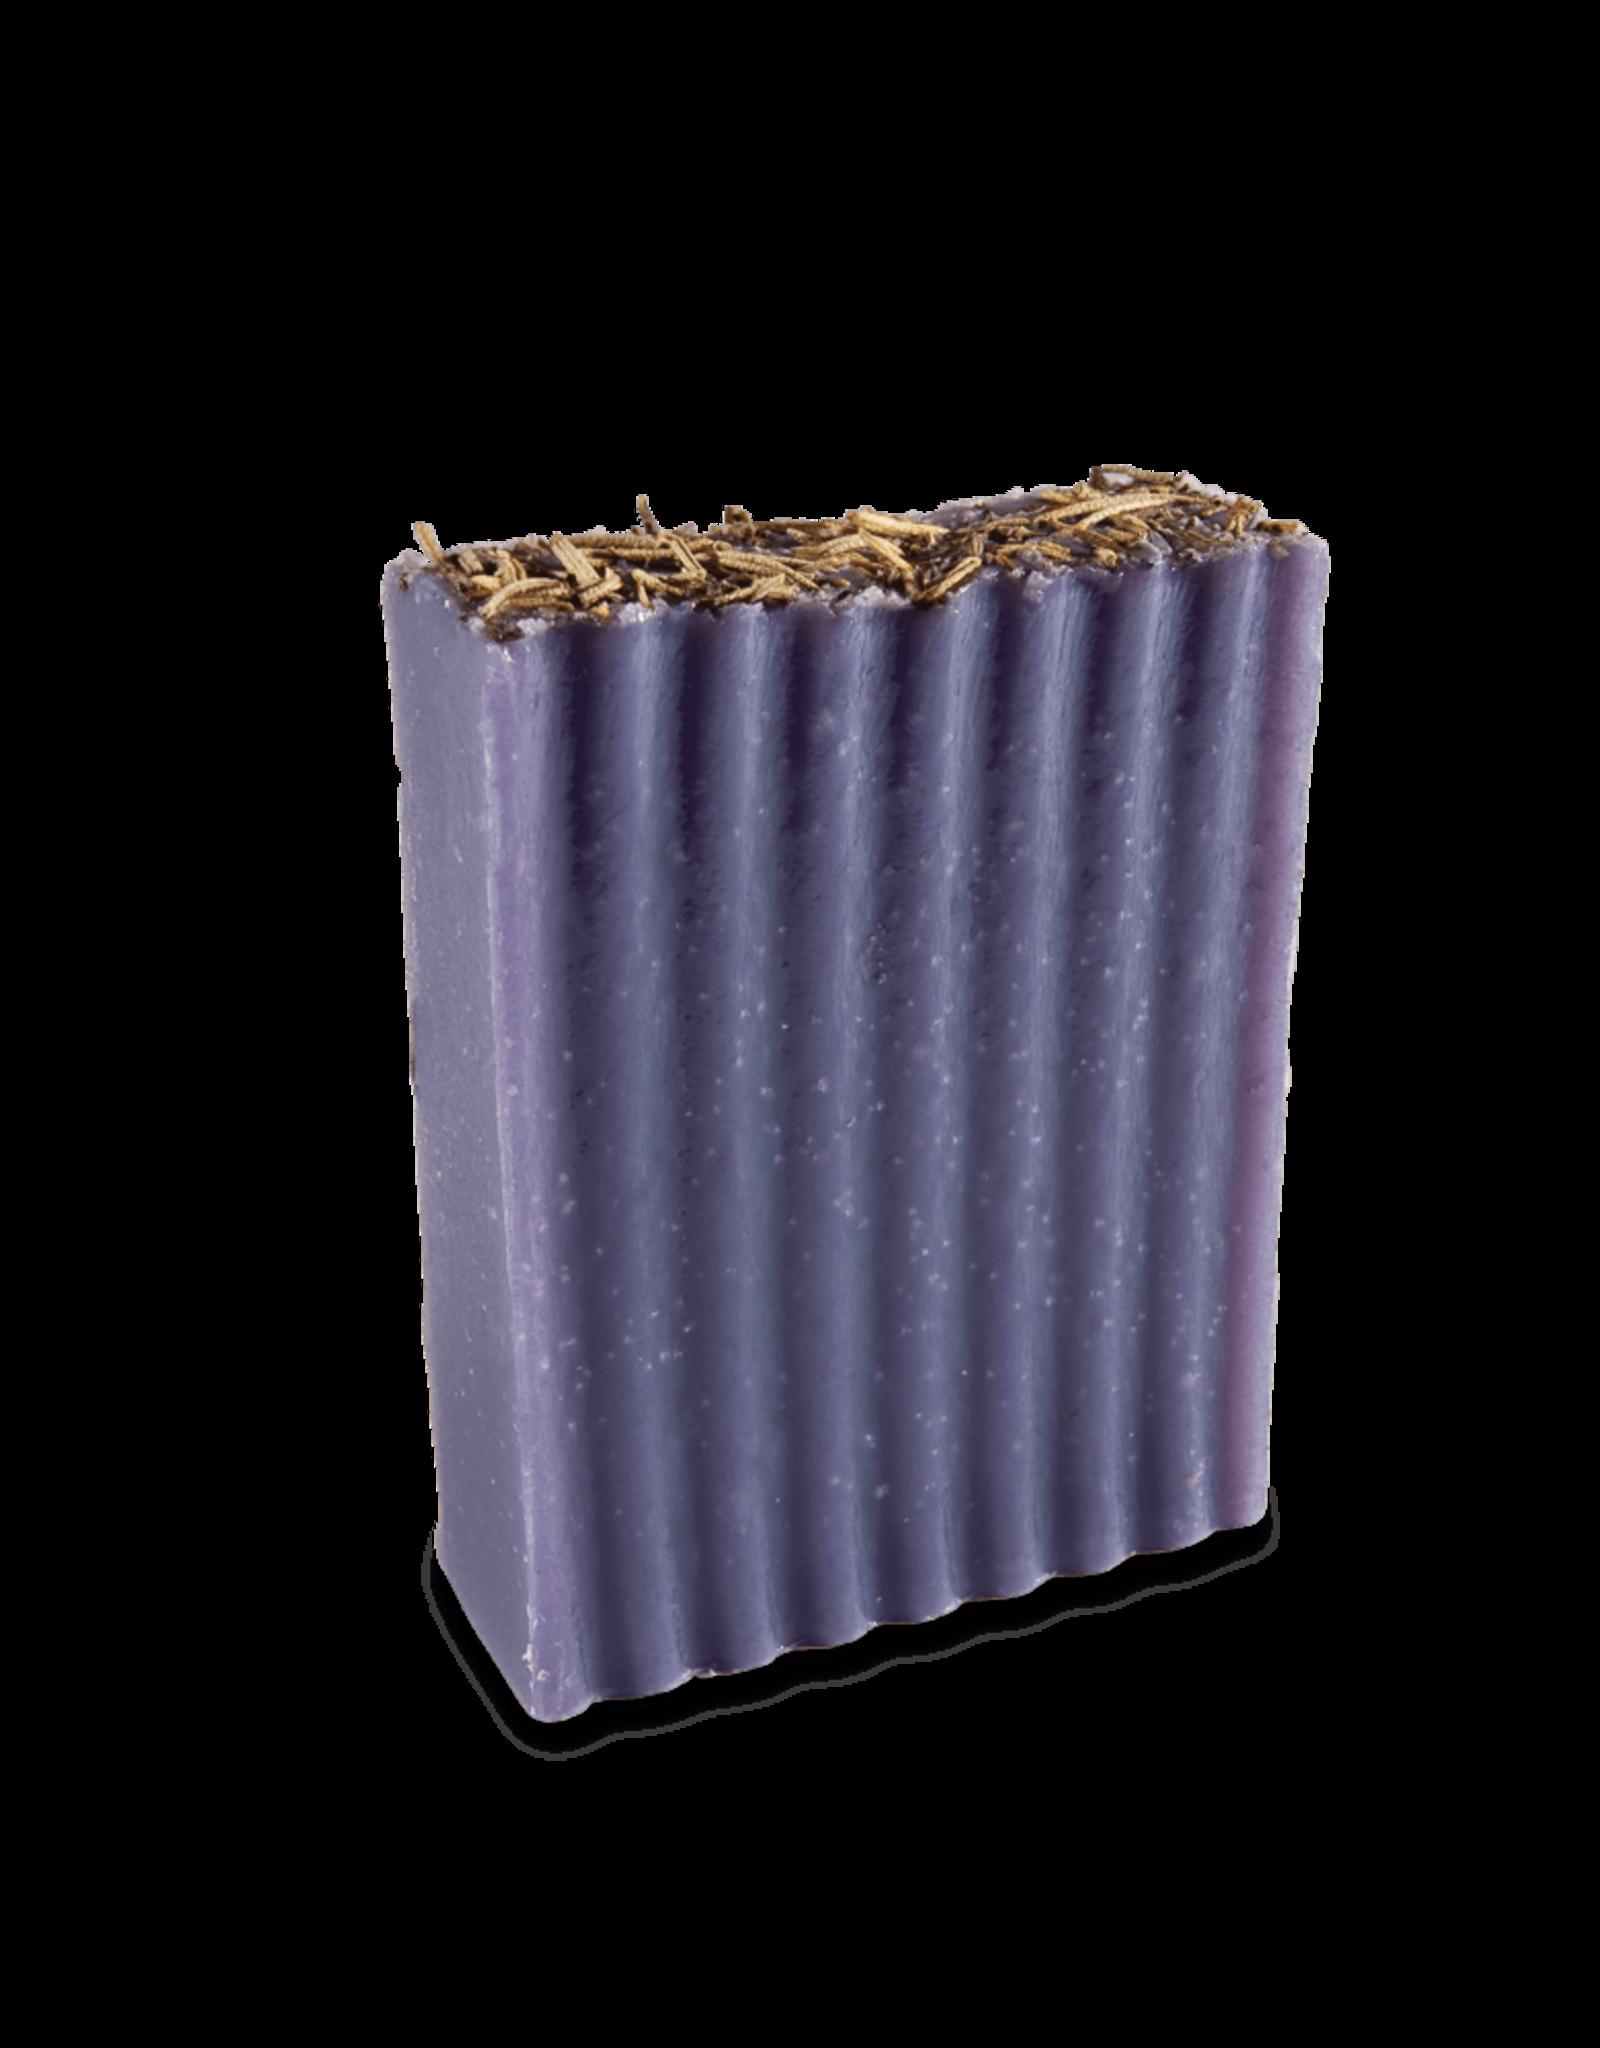 ZUM Lavender-Rosemary Goat Milk Soap